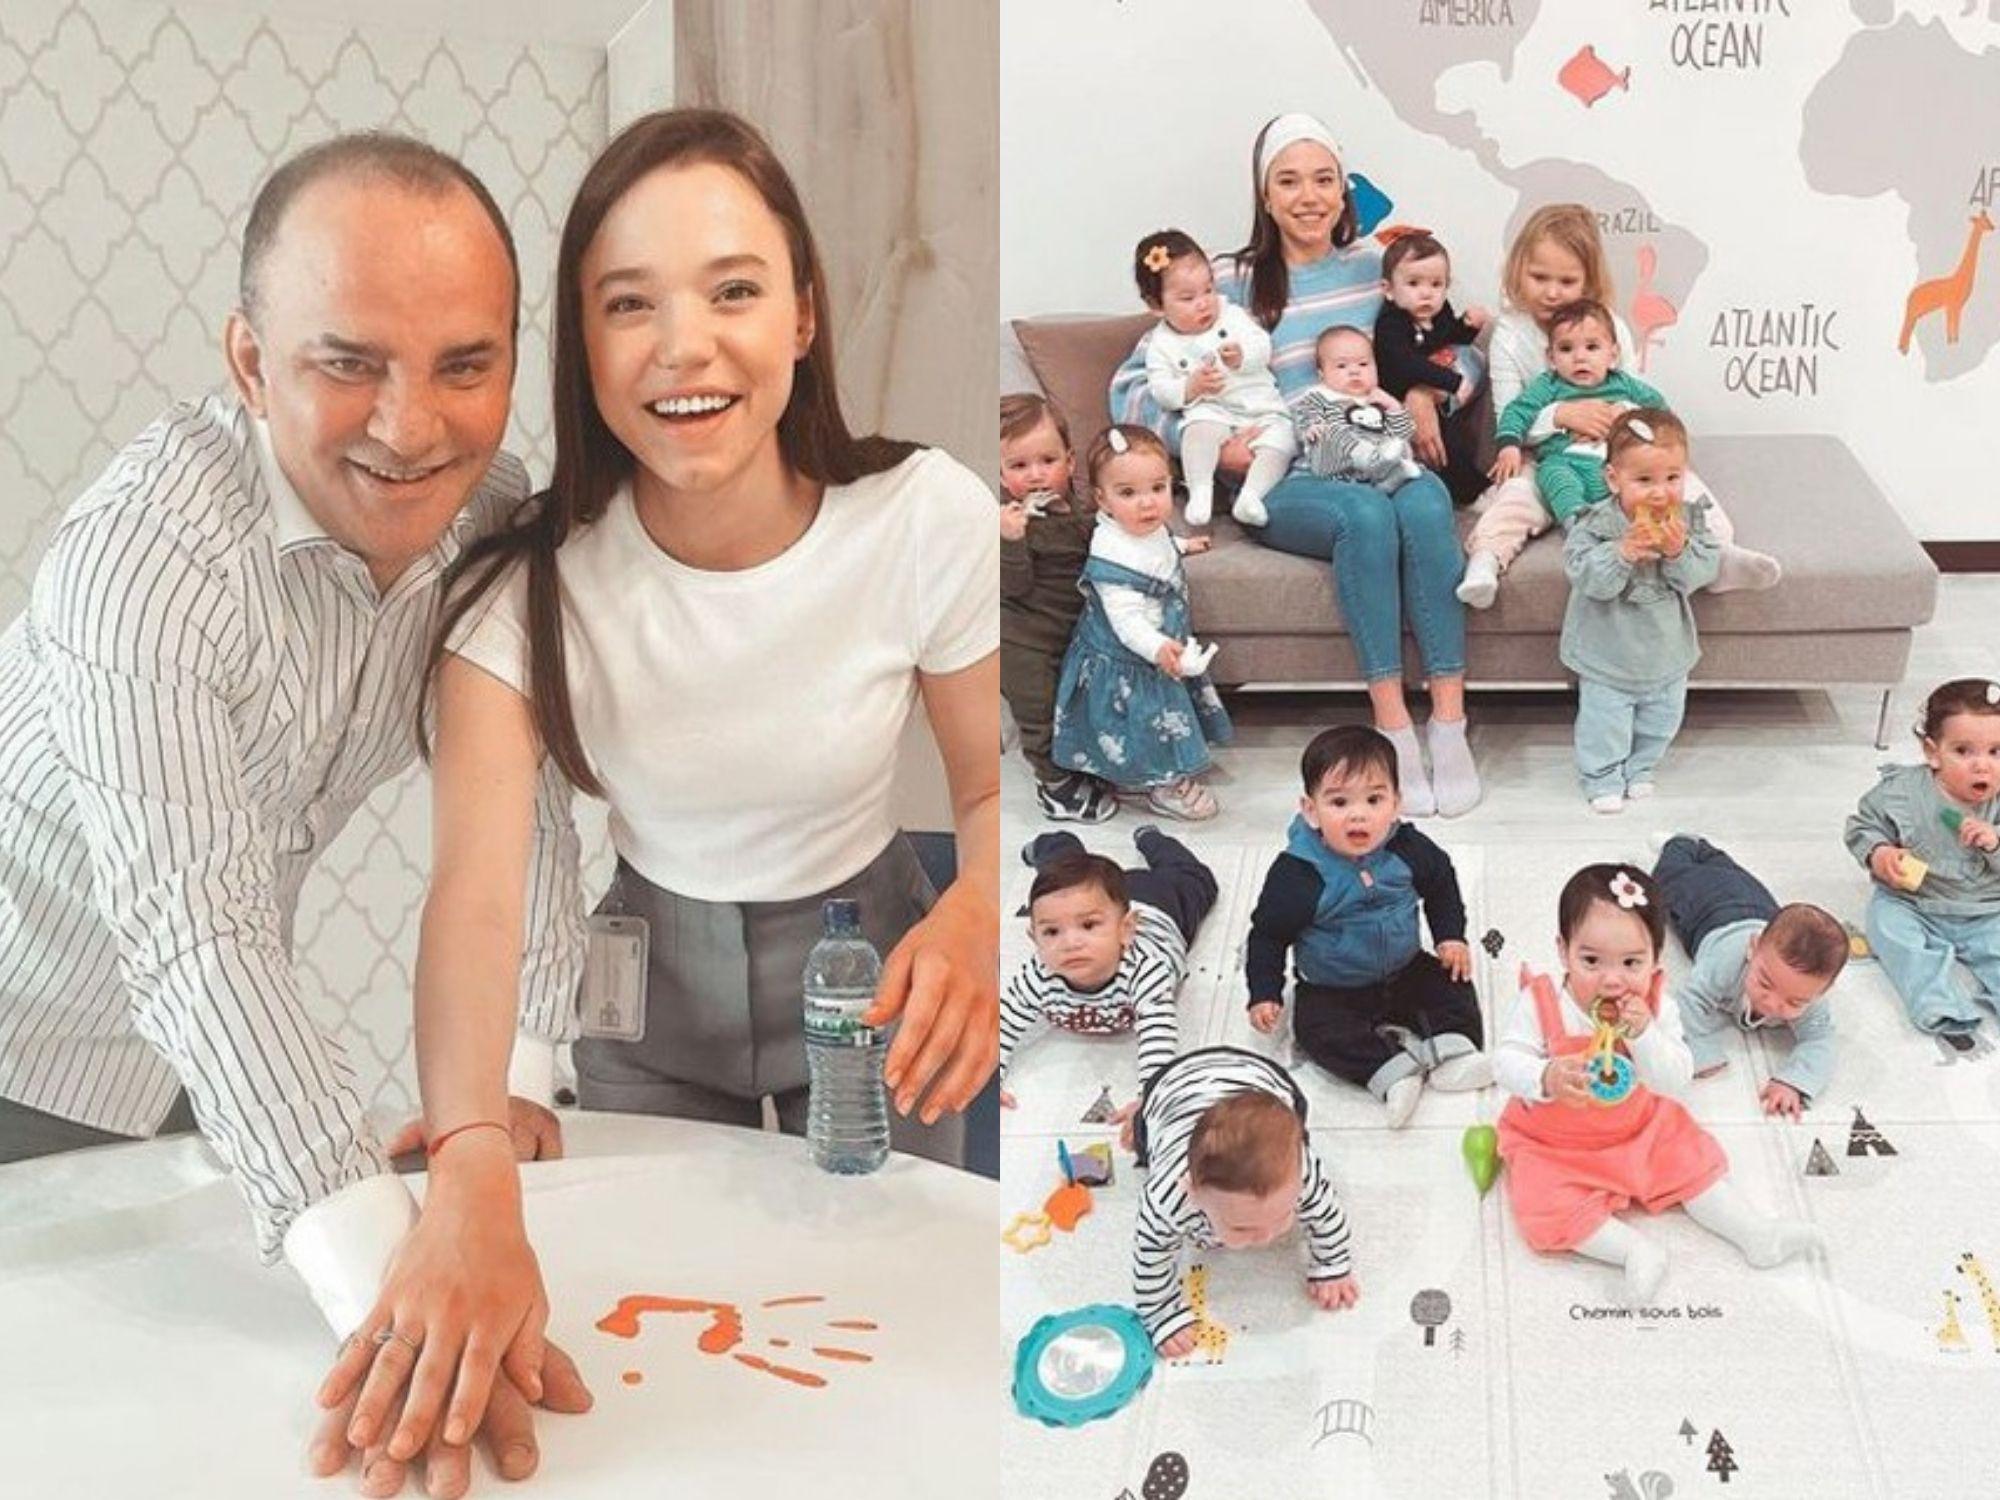 Sốc: Cô gái 23 tuổi sinh 21 đứa con cho người chồng đại gia đã có 9 con riêng, tương lai mong muốn tăng chỉ số lên 105